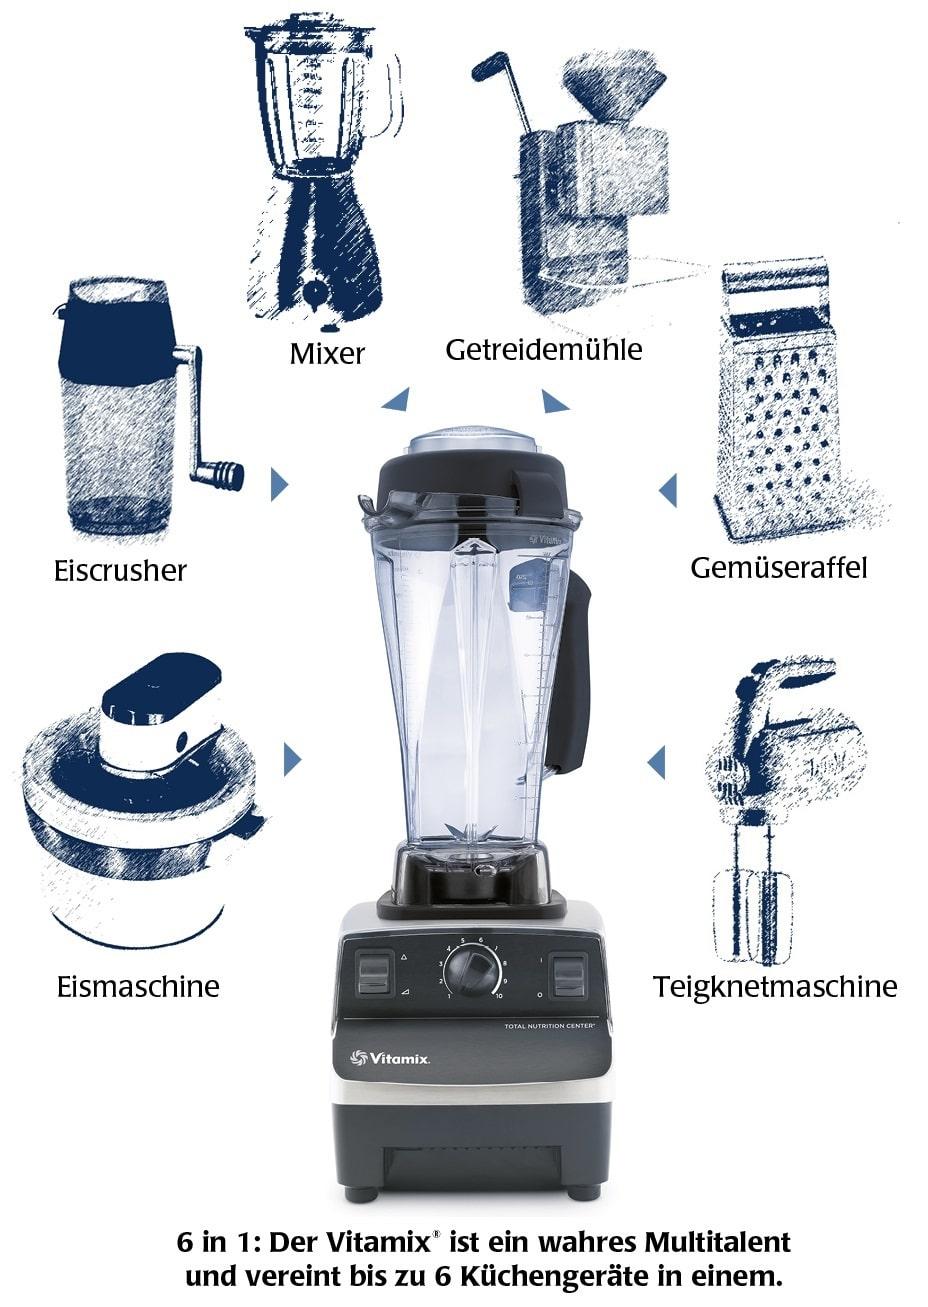 Küchengeräte Und Ihre Namen ~ blendtec oder vitamix? was ist der beste mixer?